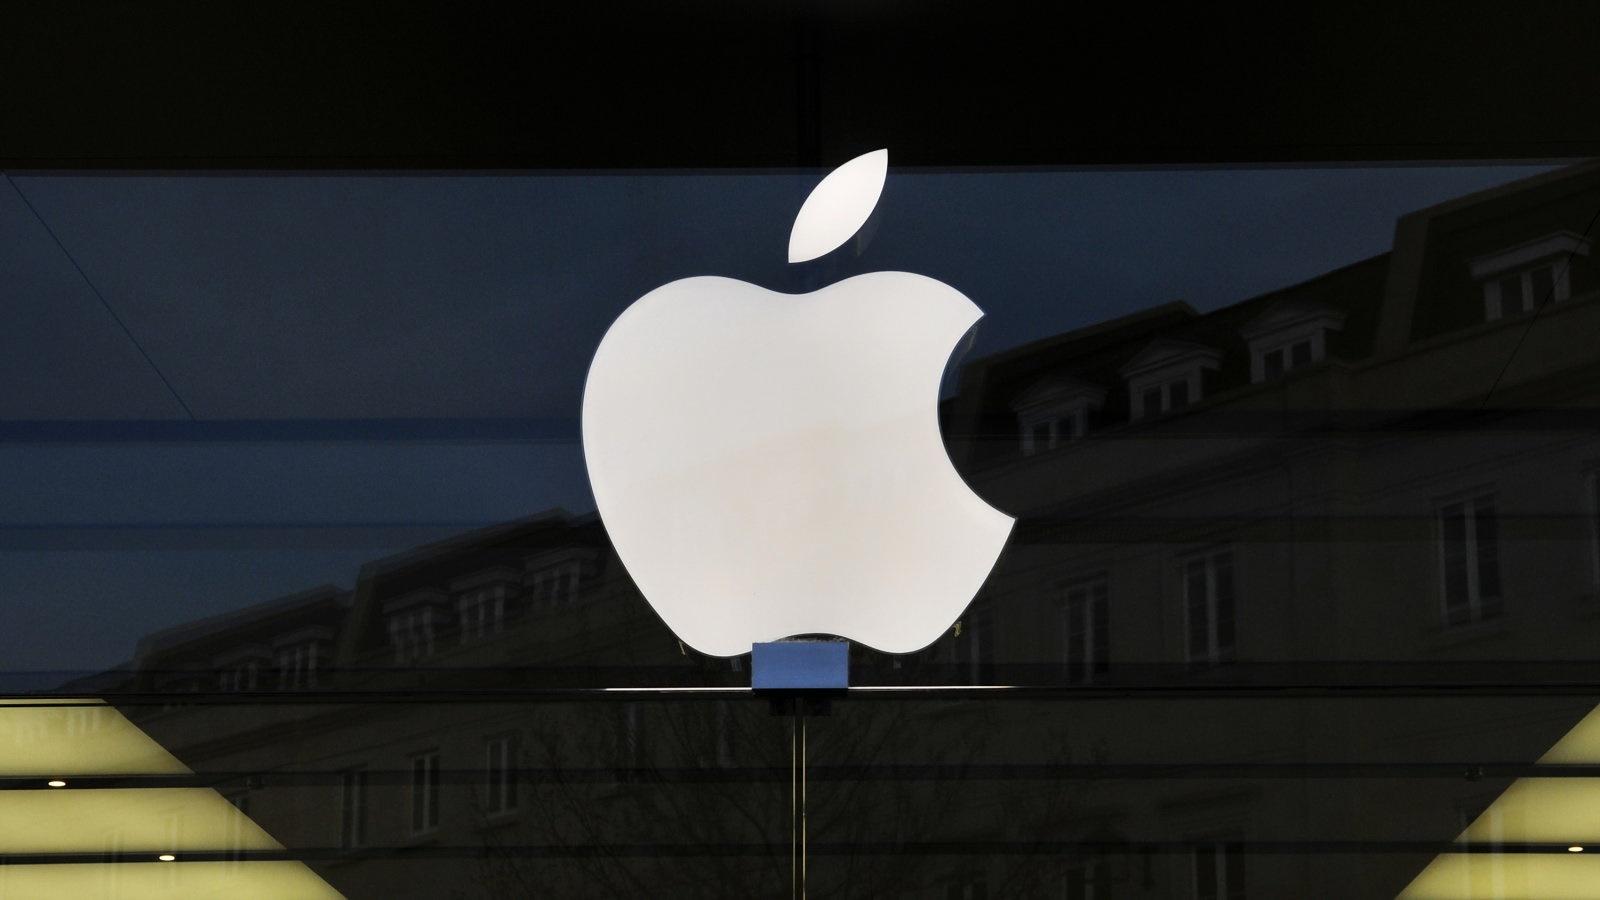 اخراج ۴ کارمند فروشگاه اپل در استرالیا